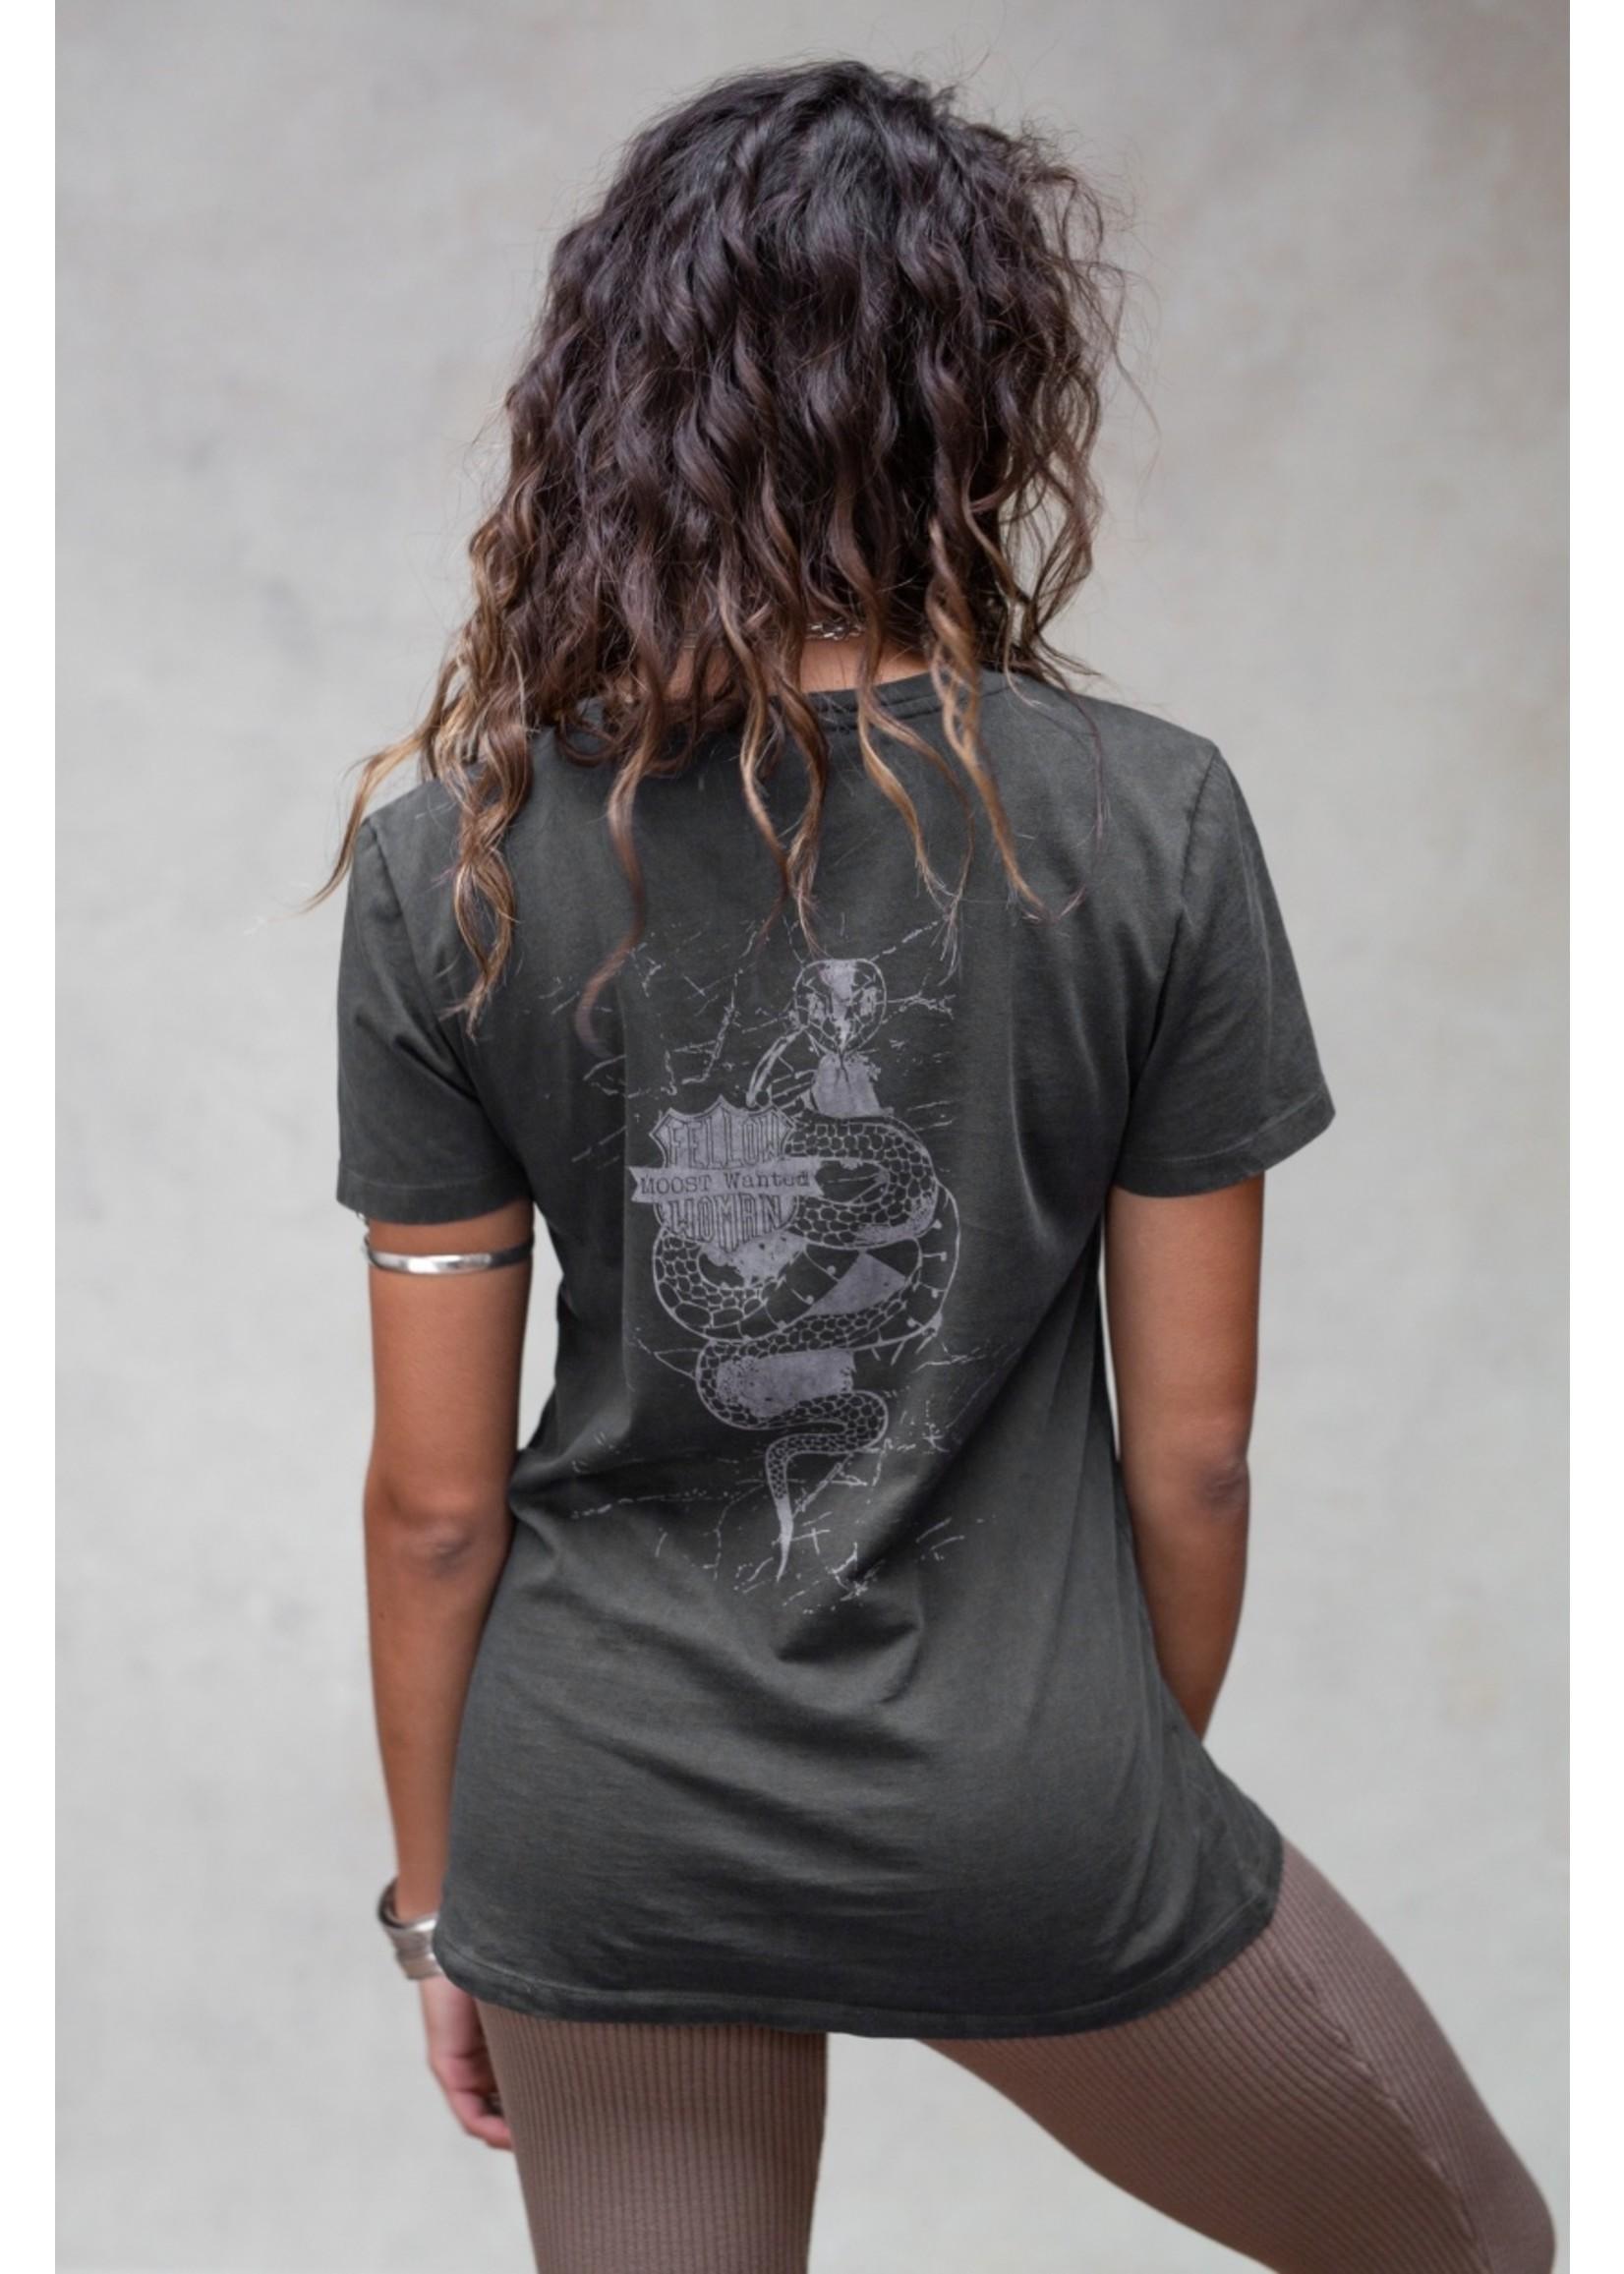 Moost Wanted Shirt met opdruk met slang op de rug Serpent shirt DARK GREY